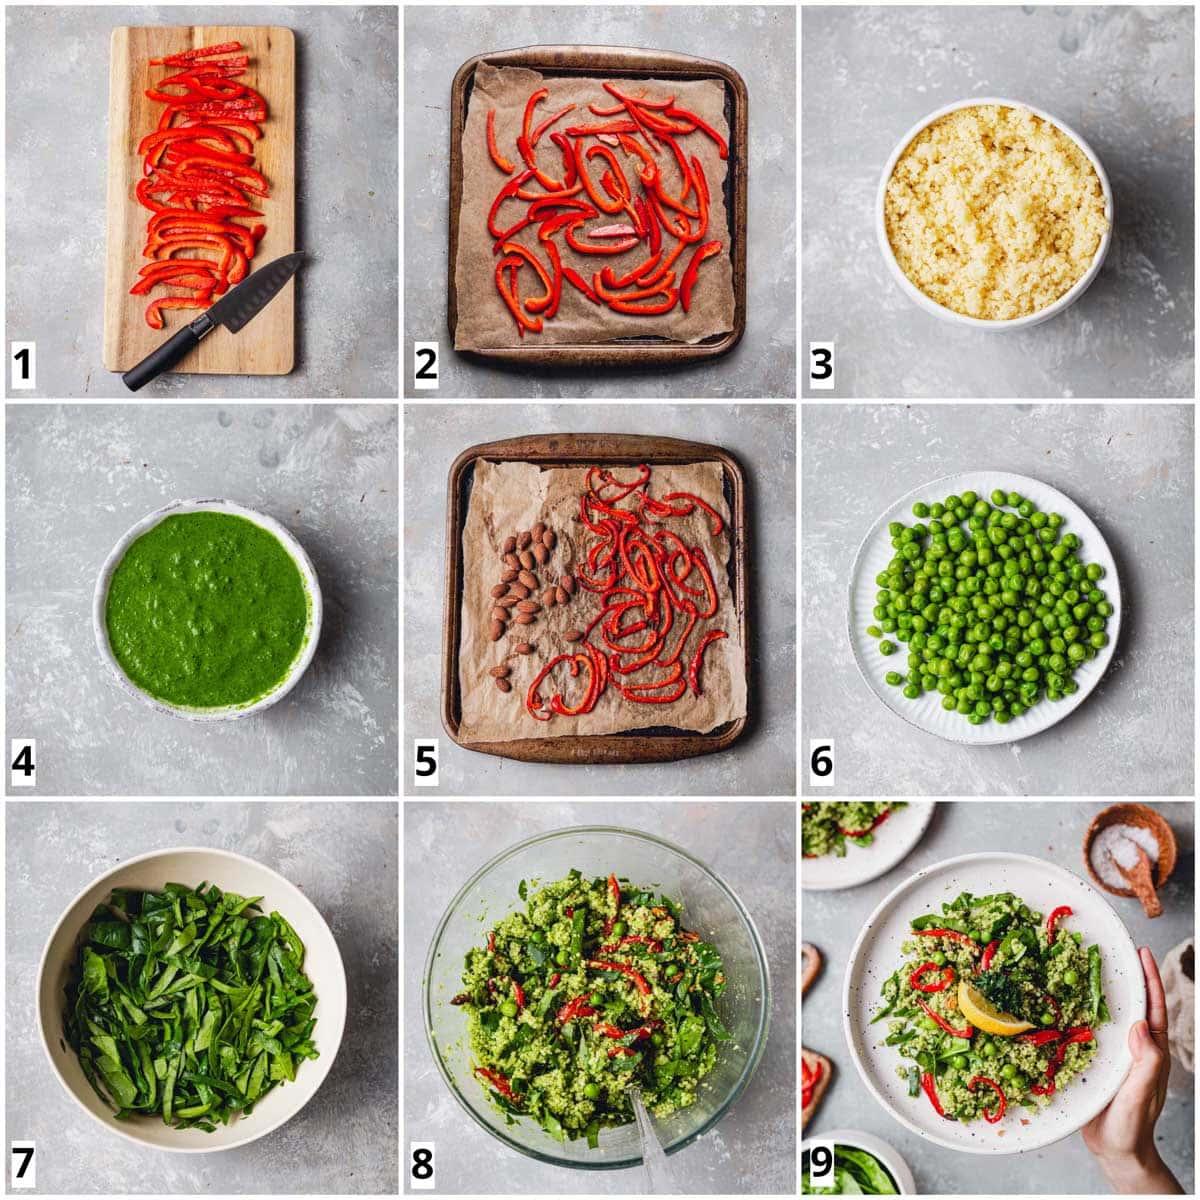 A collage of nine squares showing nine steps in making vegan salad.